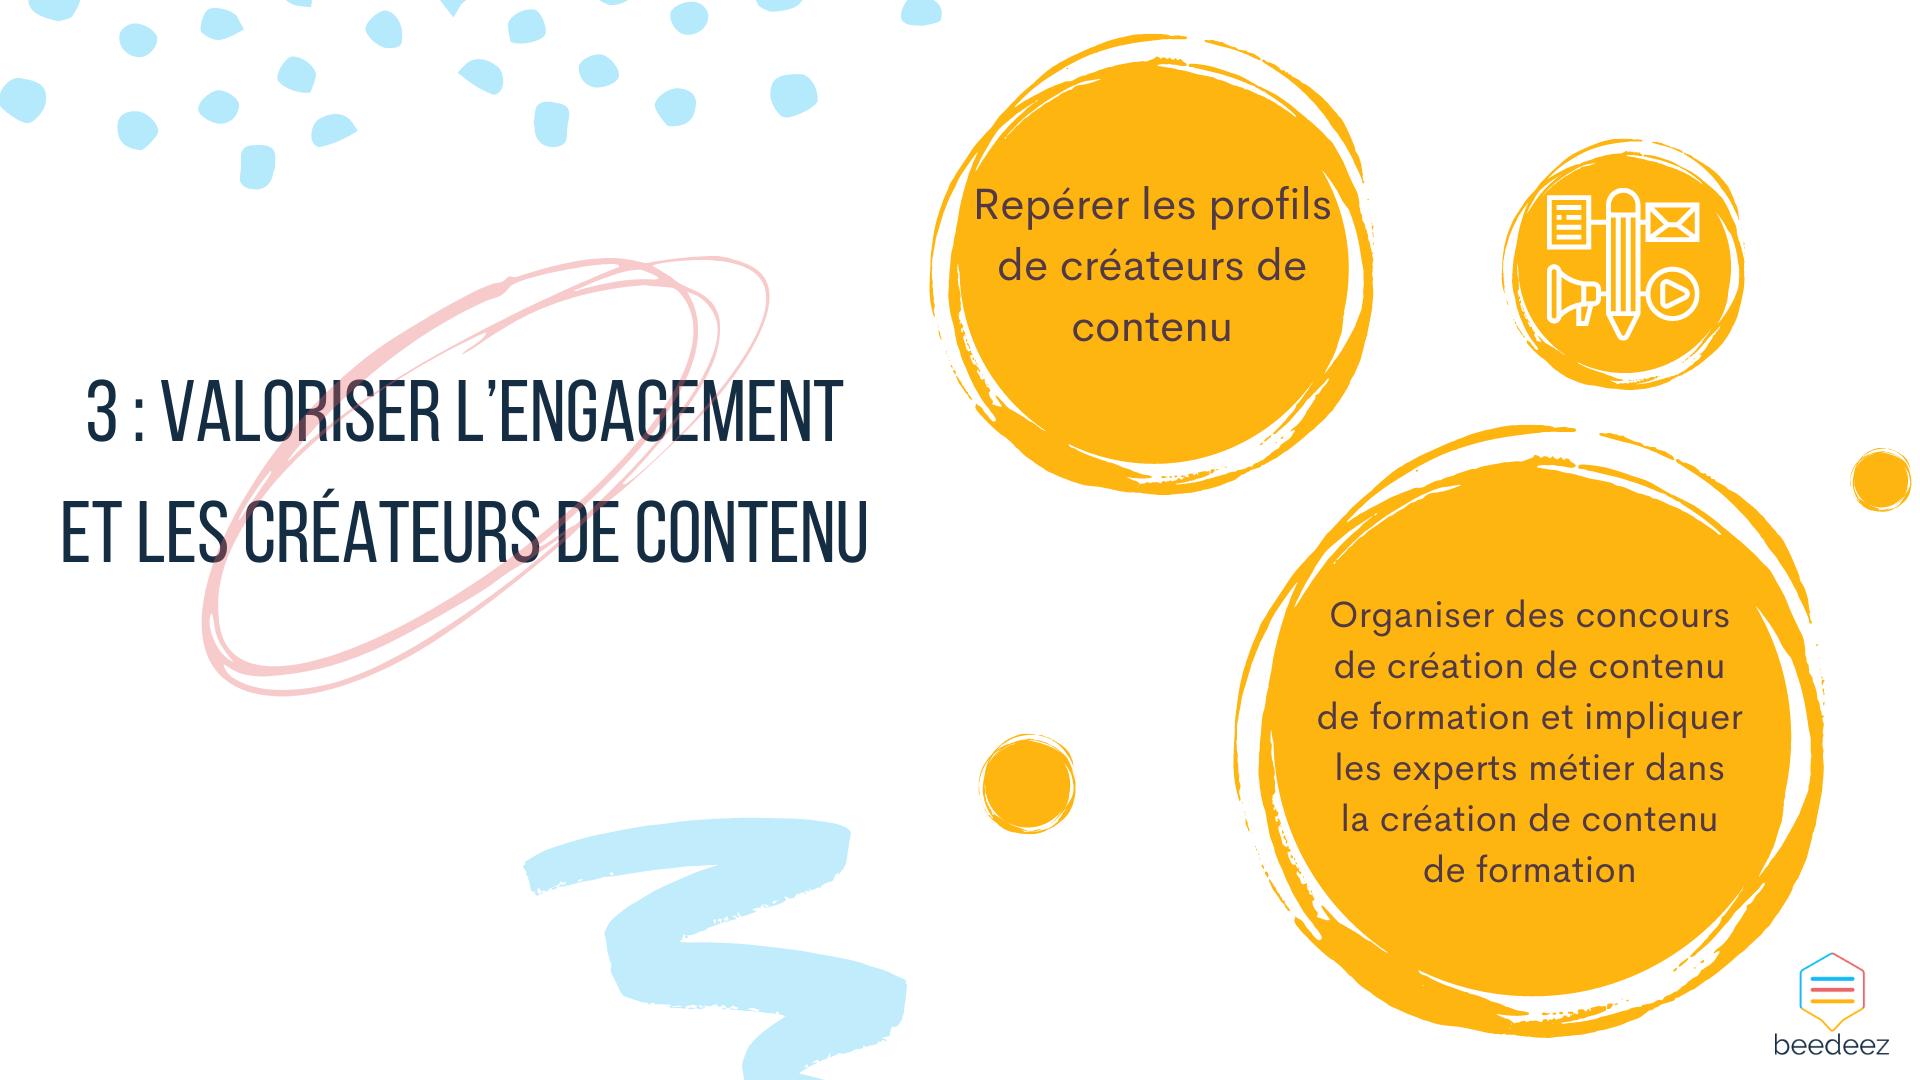 Valoriser l'engagement et les créateurs de contenu